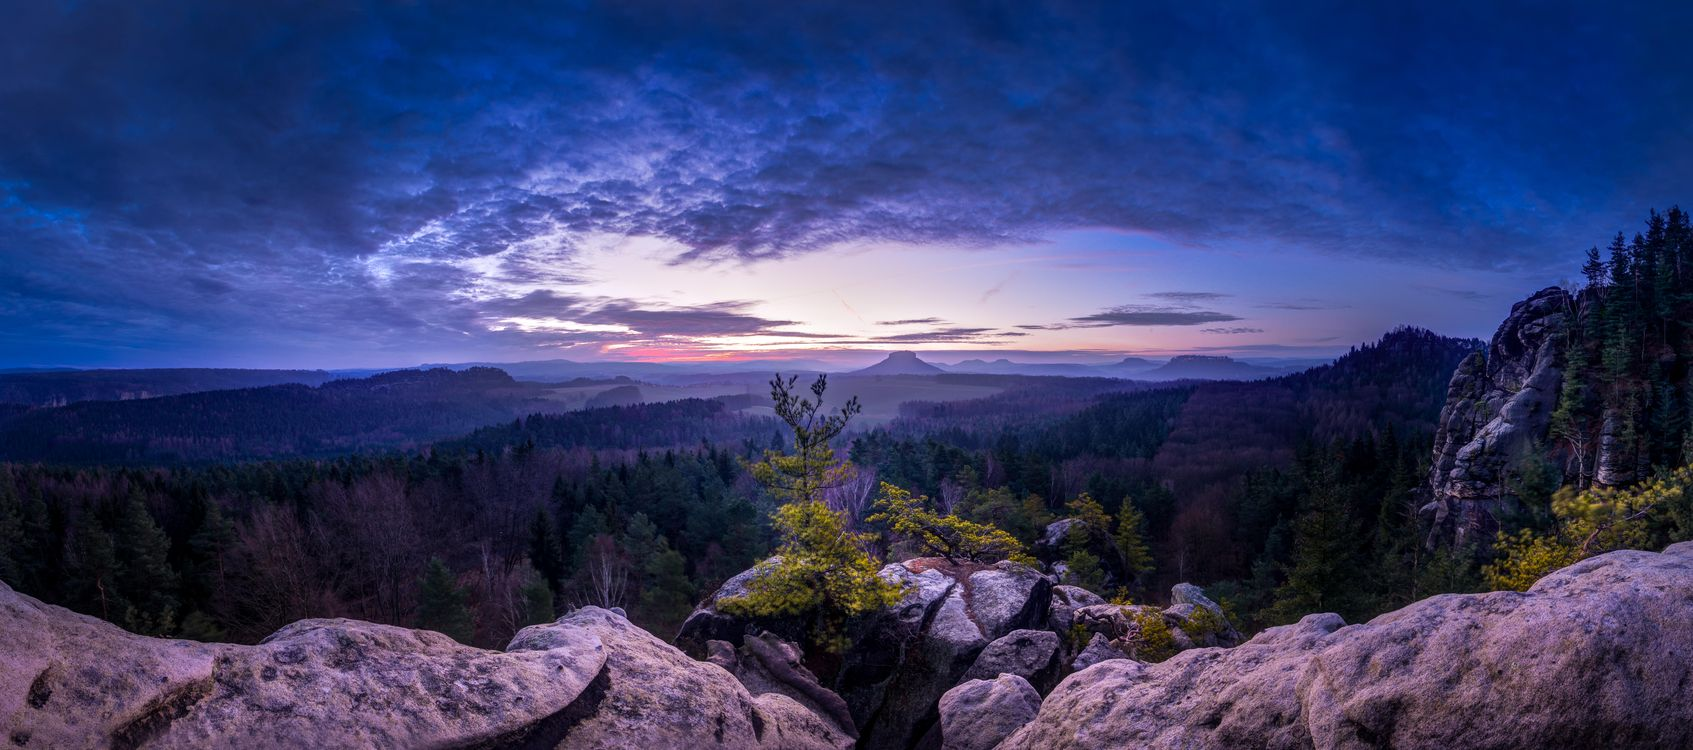 Фото бесплатно панорама, закат, горы, деревья, Саксония, Швейцария, Lilienstein, Кенингштайн, Rauenstein, пейзажи